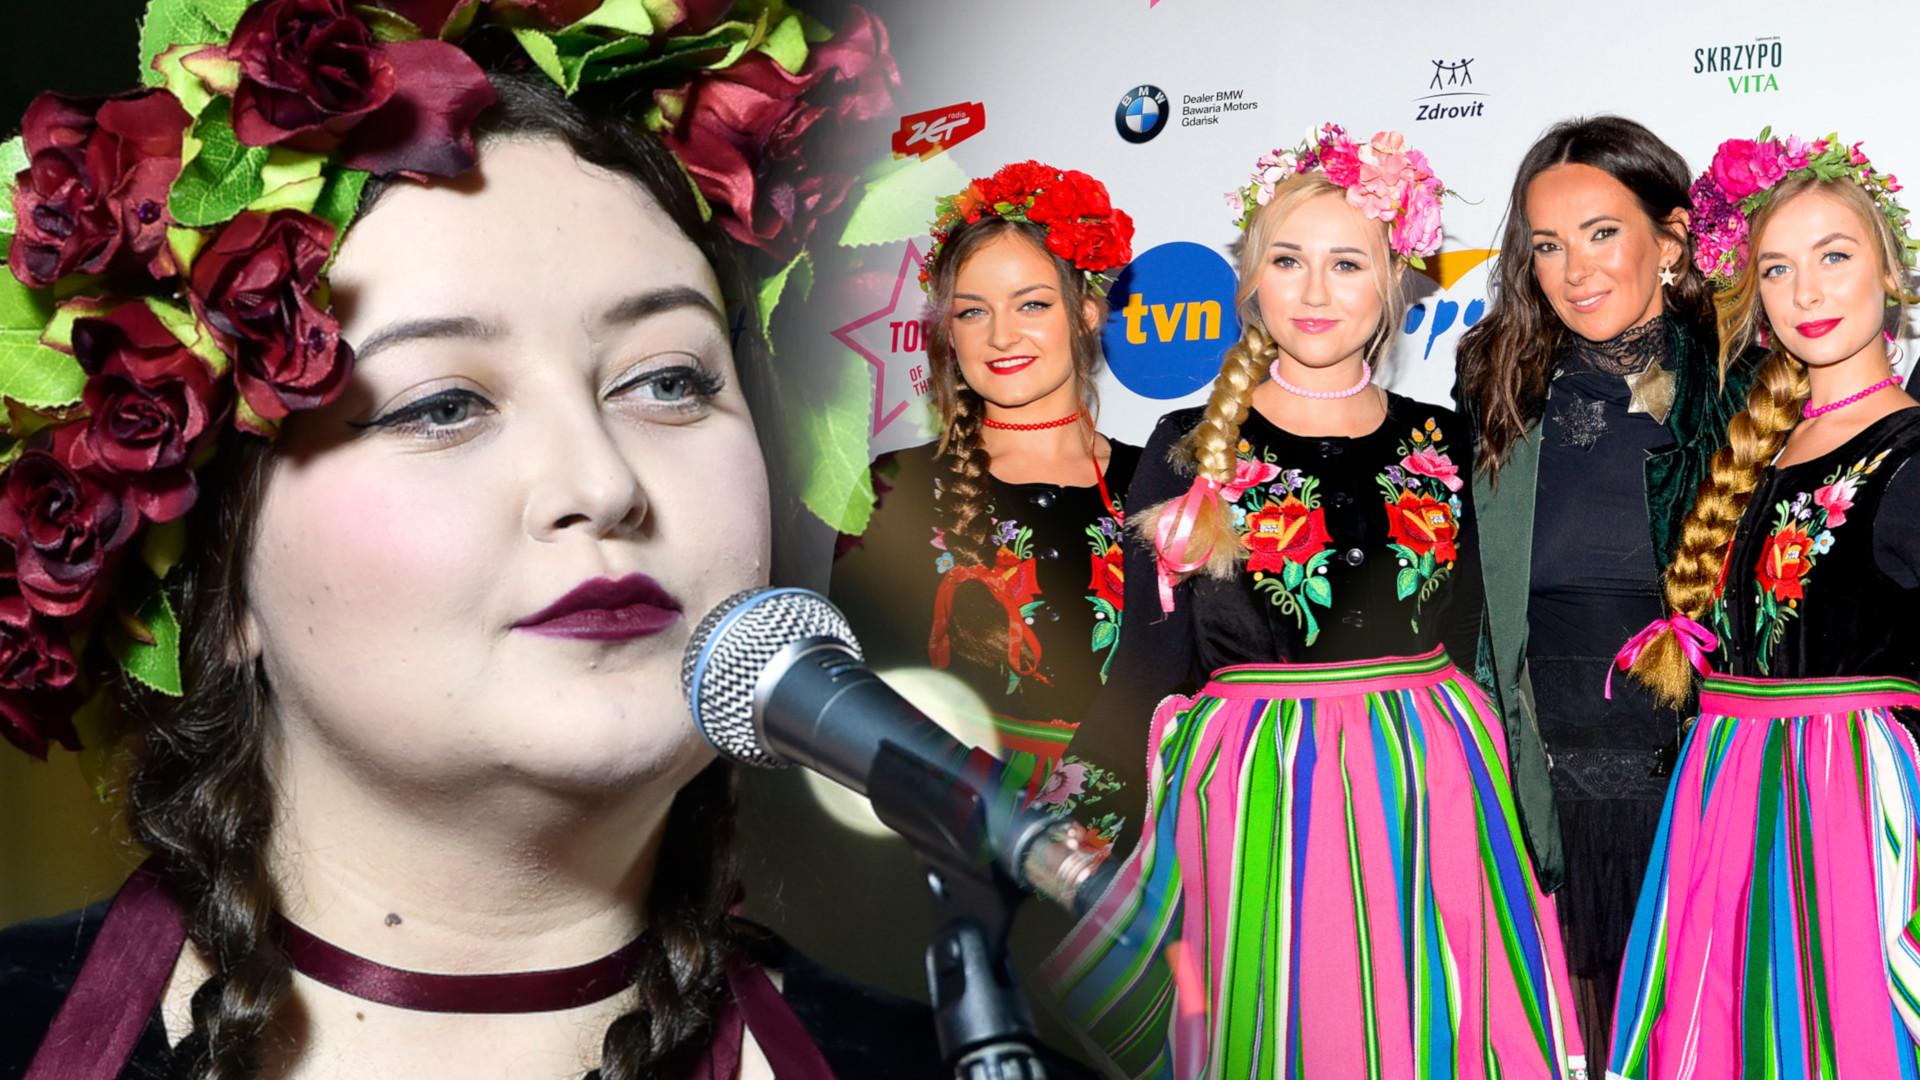 Tulia reprezentantem Polski na Eurowizji 2019! Jaką piosenkę zaśpiewają?